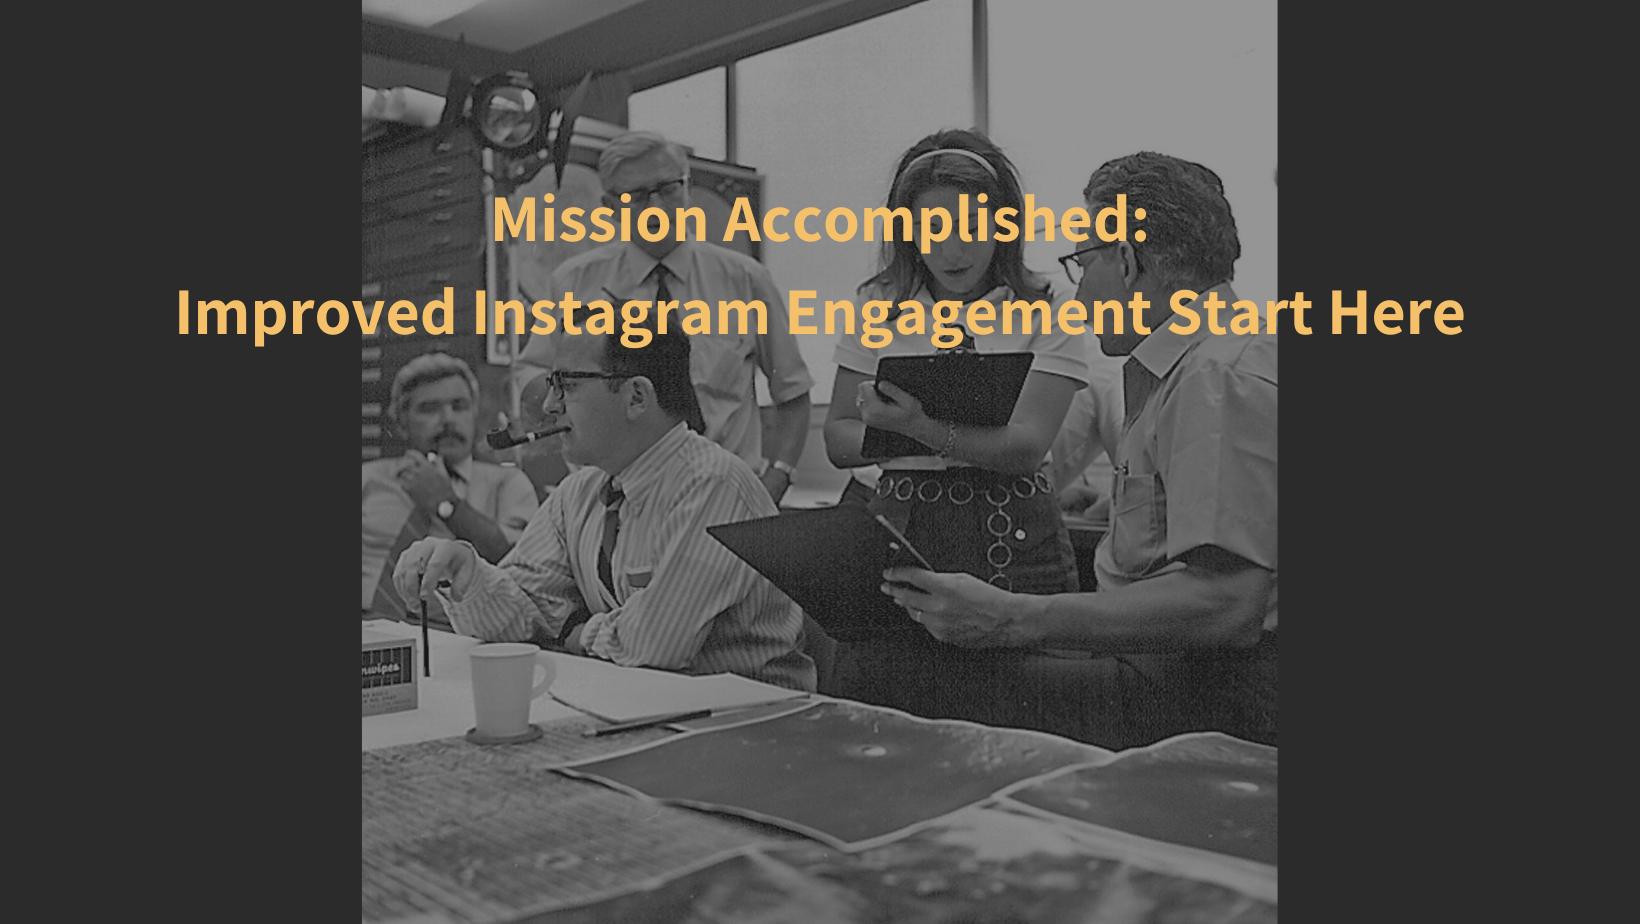 Improved Instagram Engagement